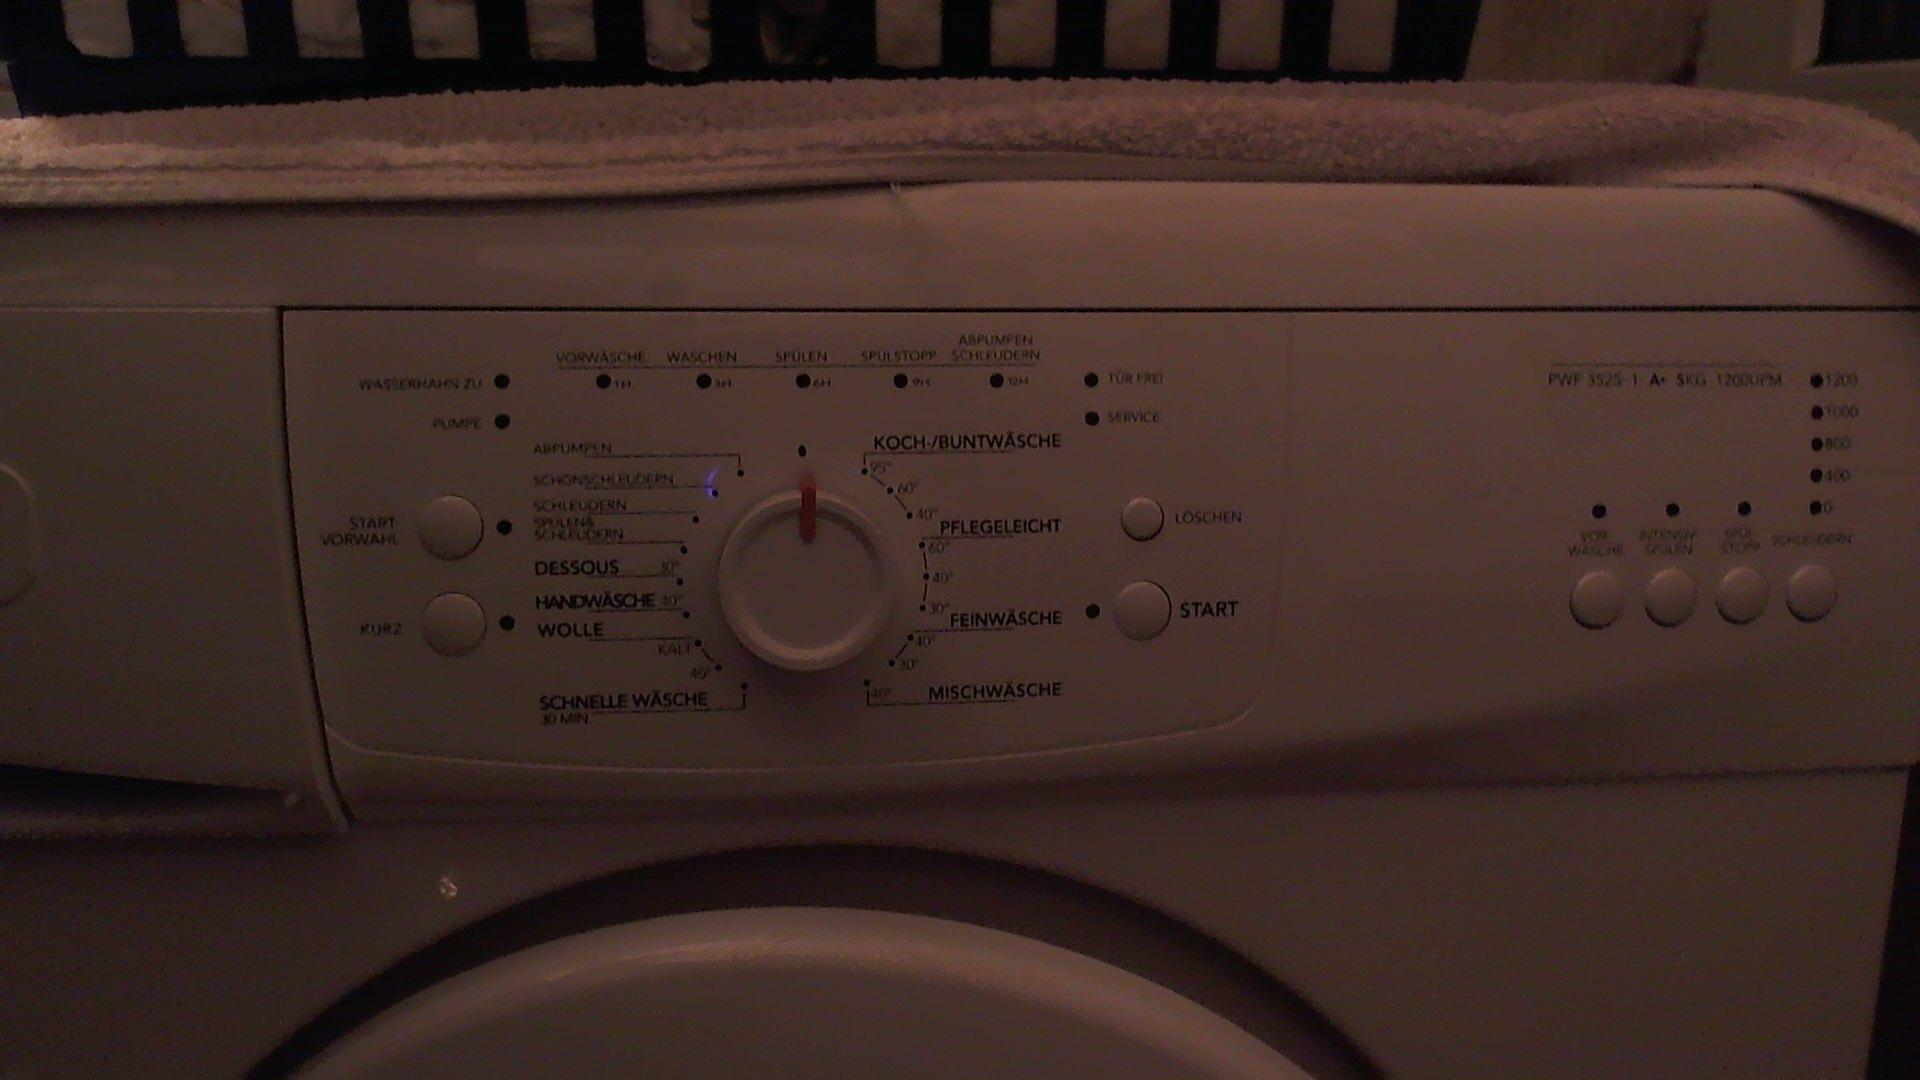 w sche waschen aber wie wie stell ich die waschmaschine. Black Bedroom Furniture Sets. Home Design Ideas